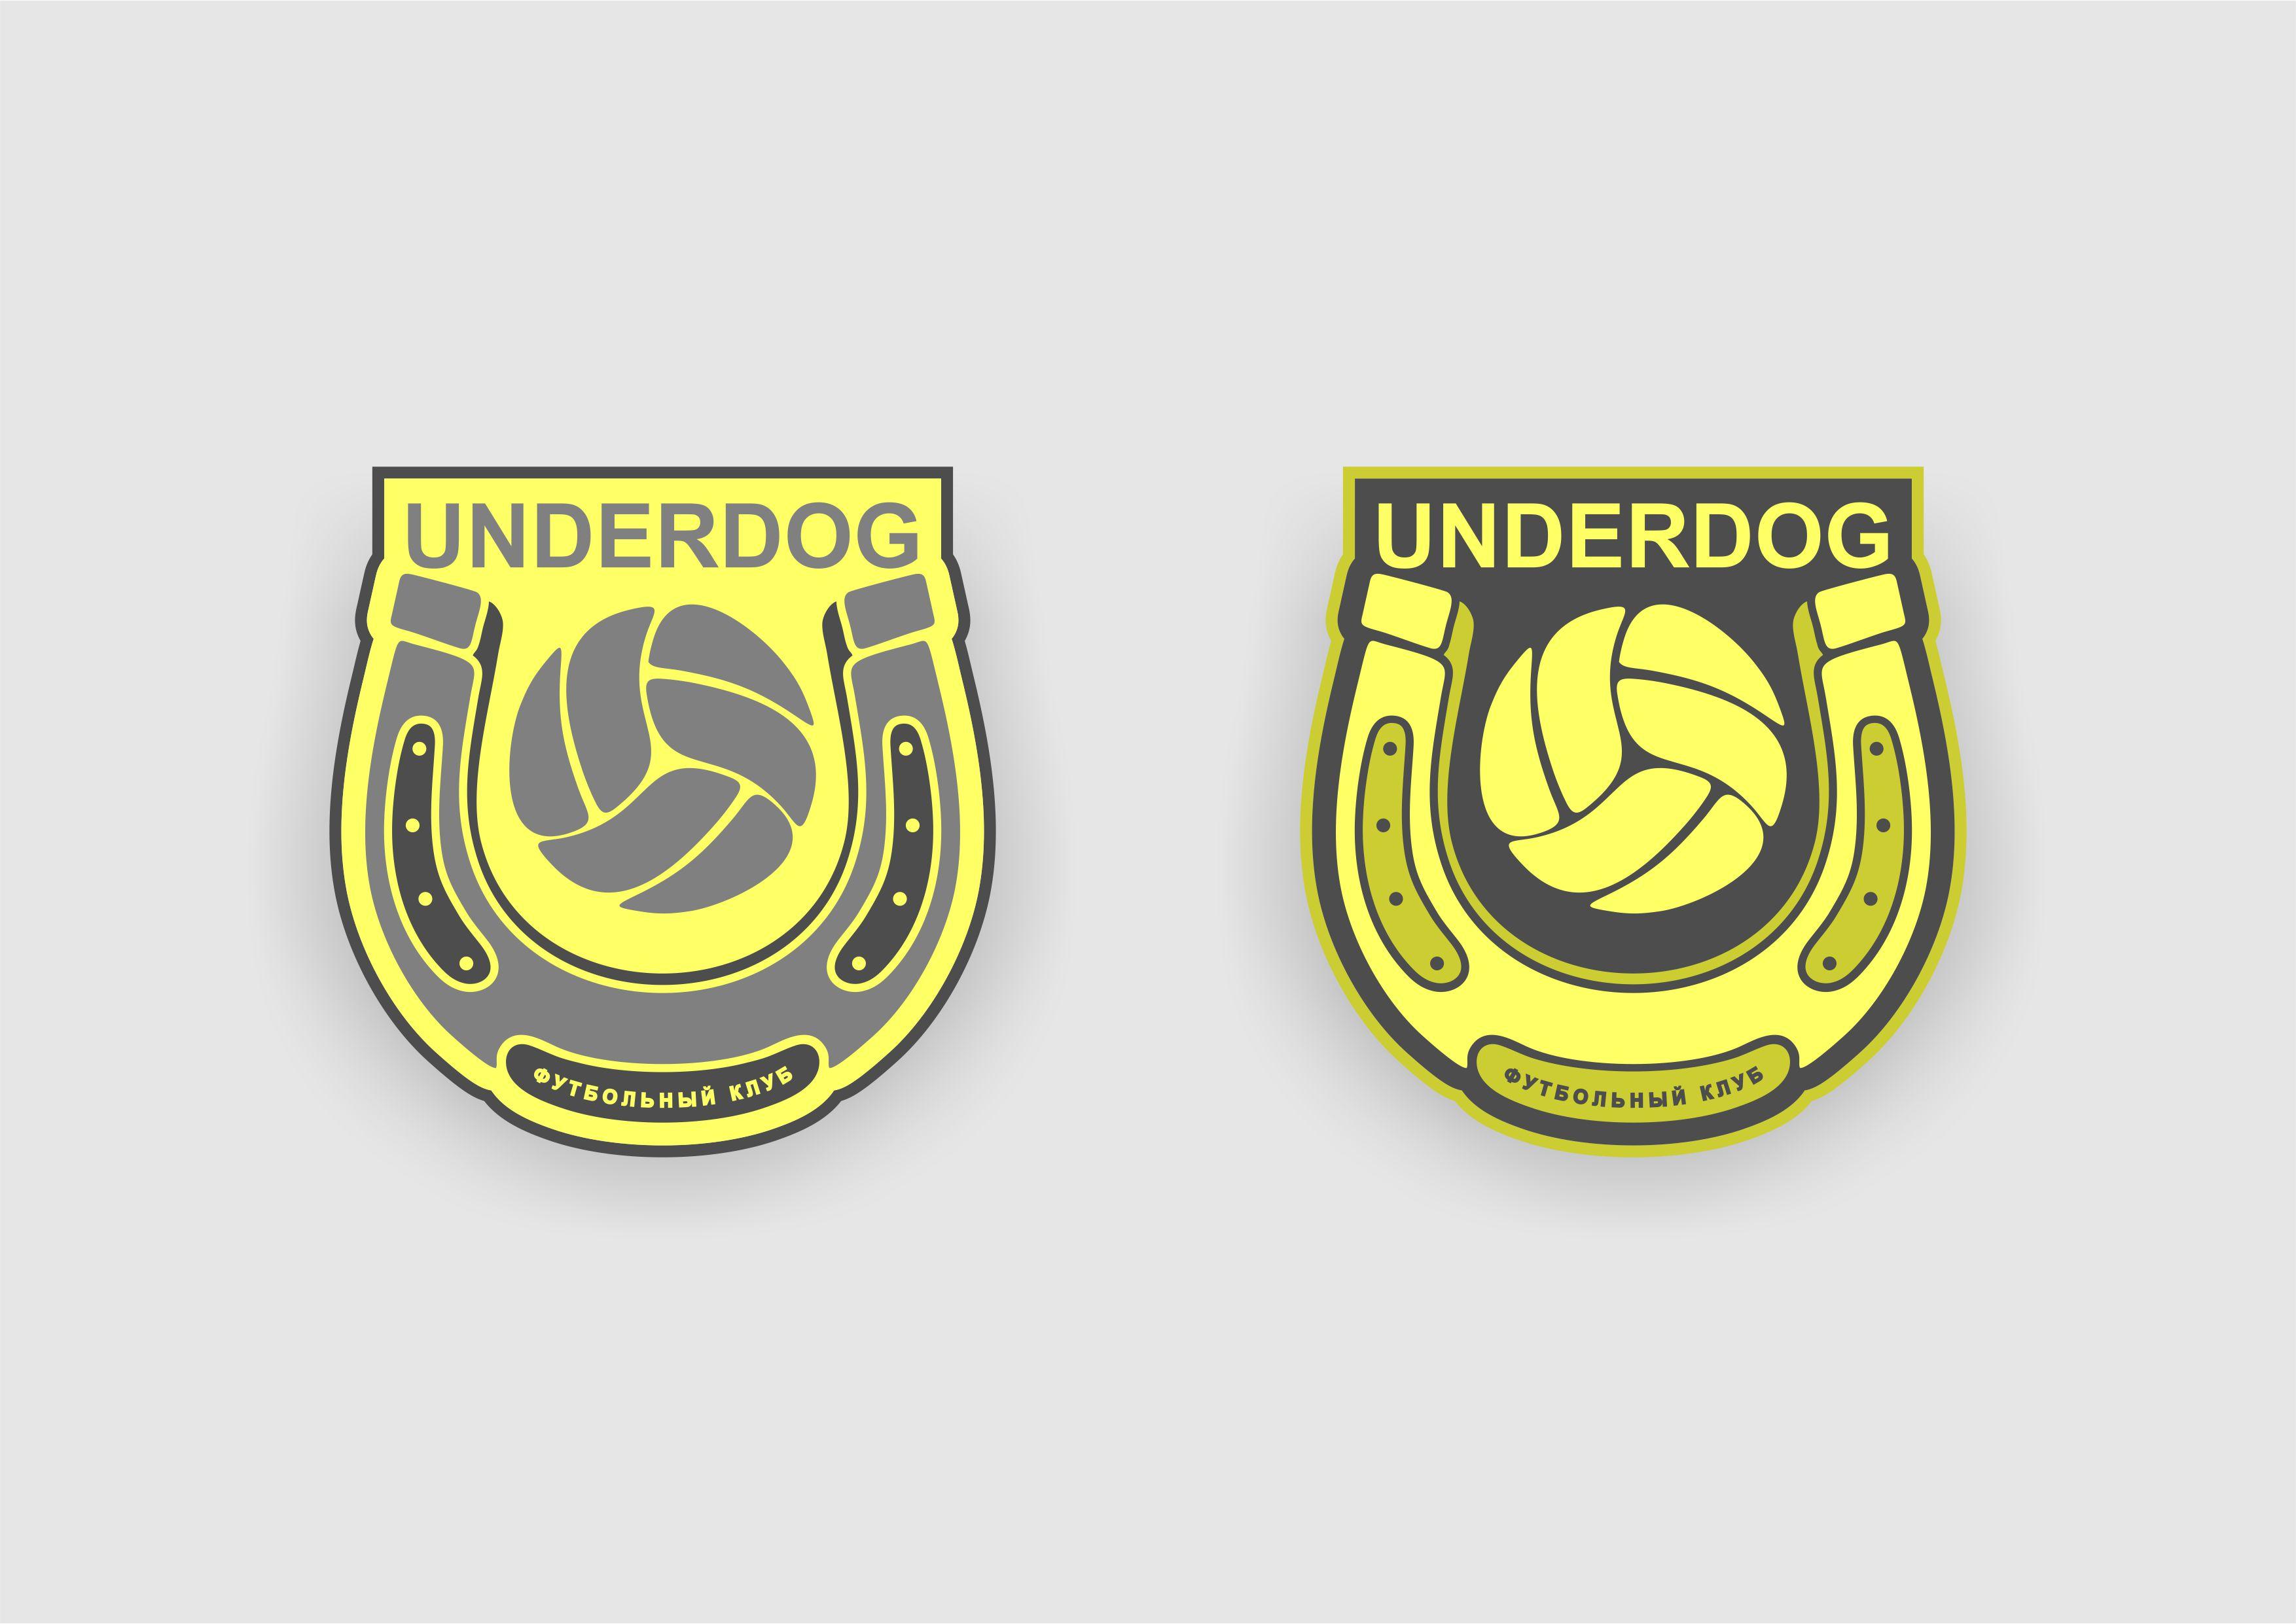 Футбольный клуб UNDERDOG - разработать фирстиль и бренд-бук фото f_8455cb0e84a930de.jpg